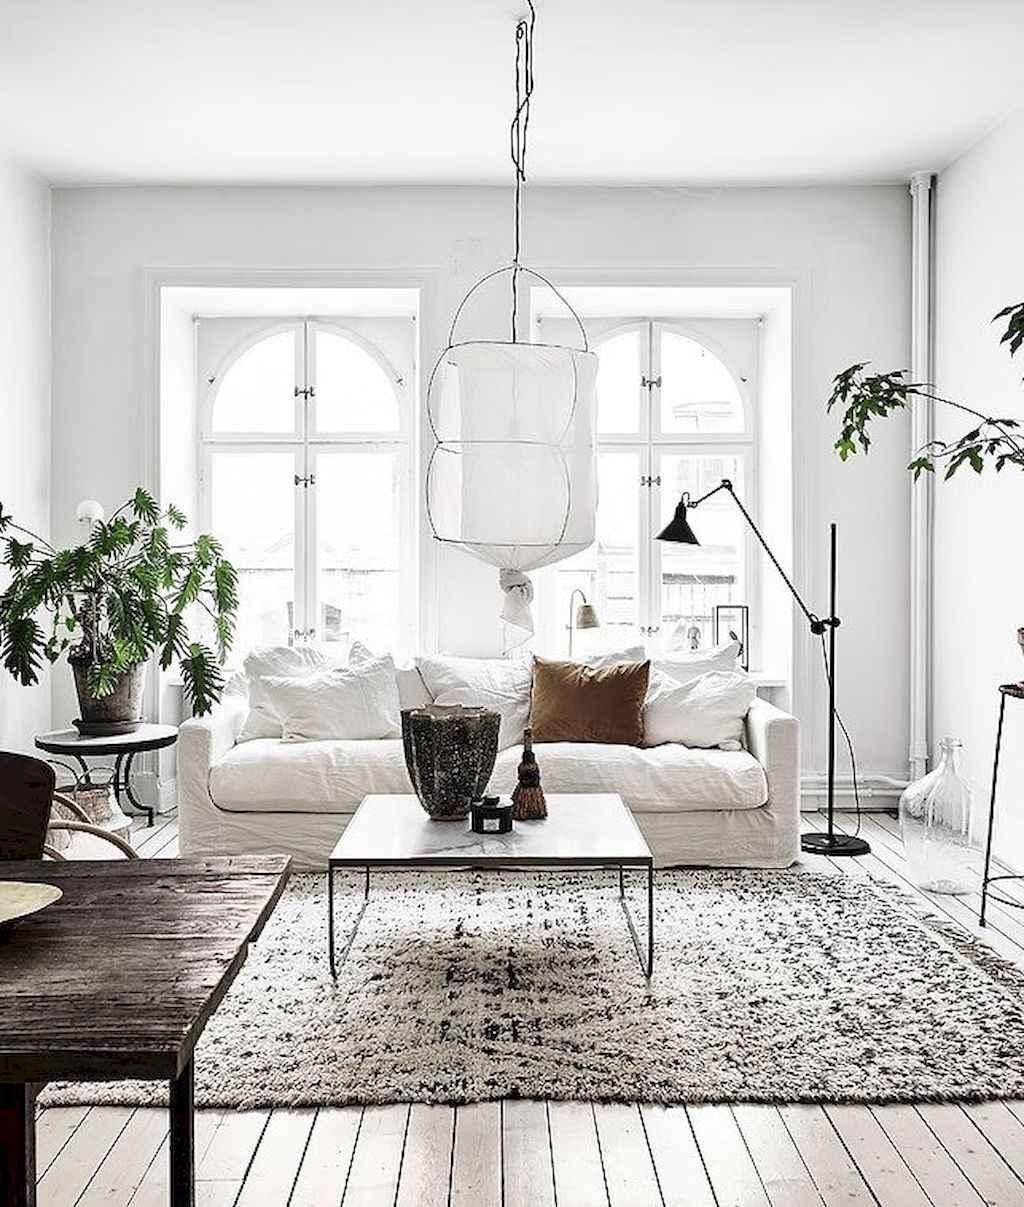 78 cozy modern farmhouse living room decor ideas - HomeSpecially